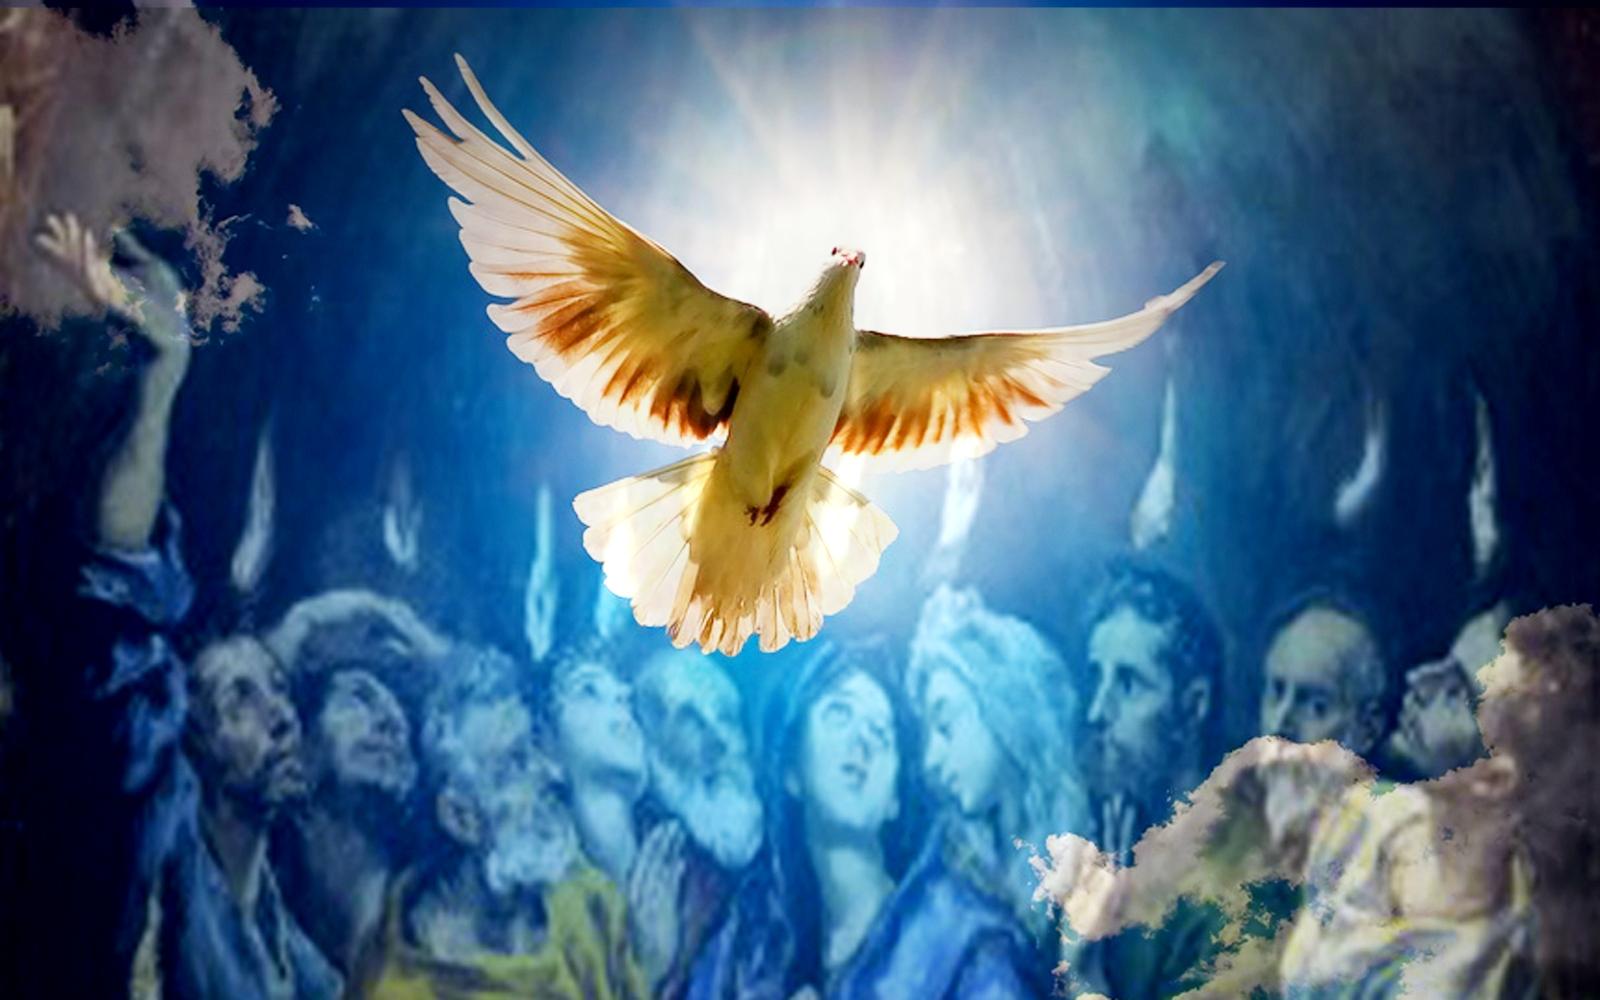 Έκτακτο Παράρτημα: Τι γιορτάζουμε την Κυριακή της Πεντηκοστής